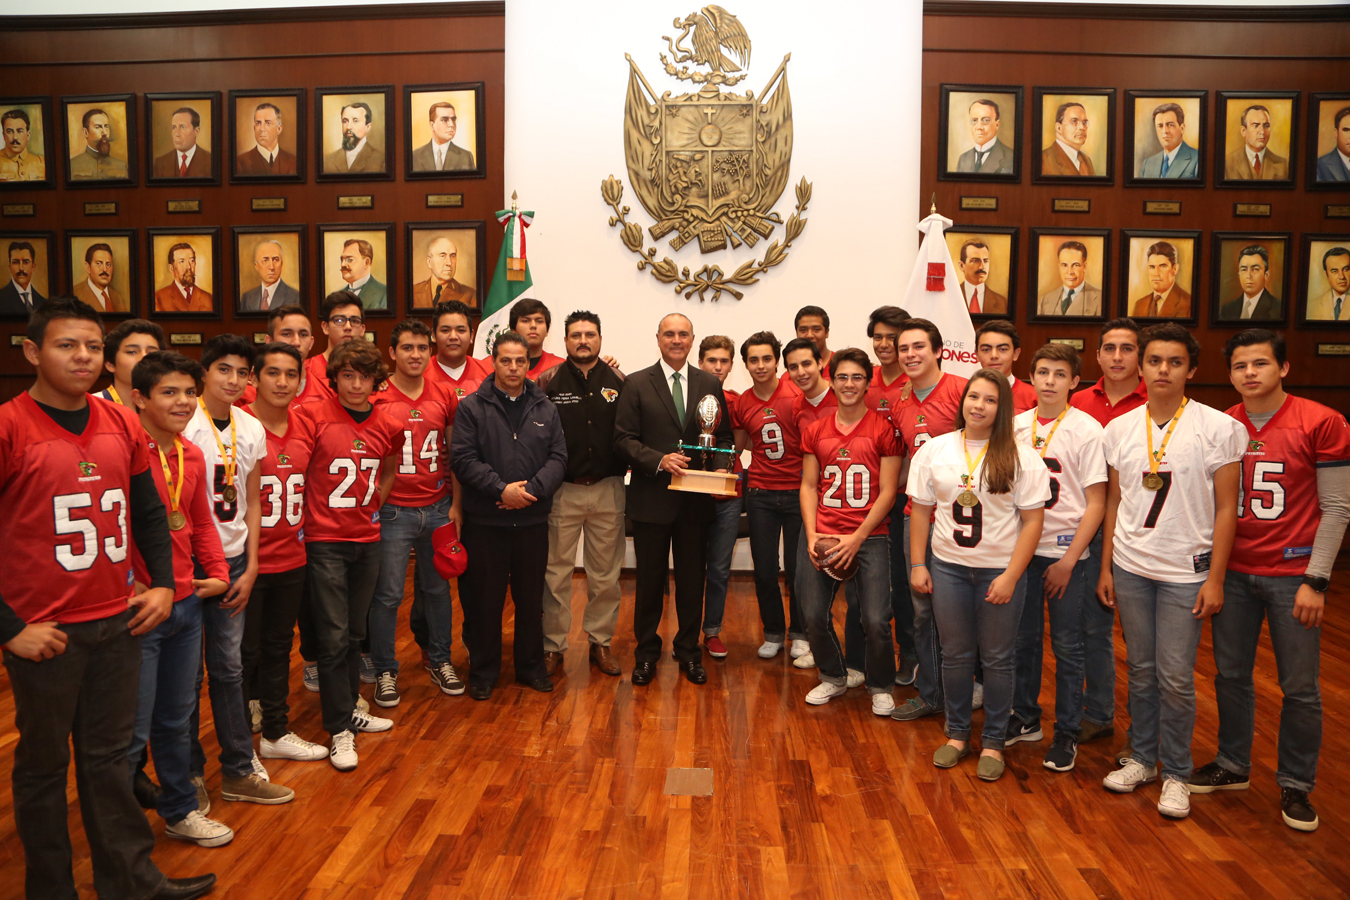 Se reúne el Gobernador del Estado con integrantes del equipo Patriotas de football americano